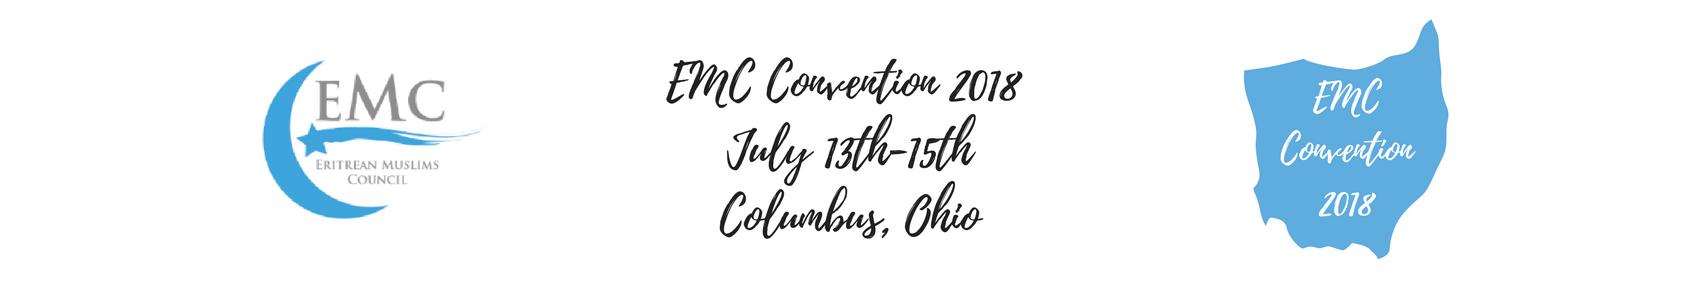 EMC-Convention-2018-1-1